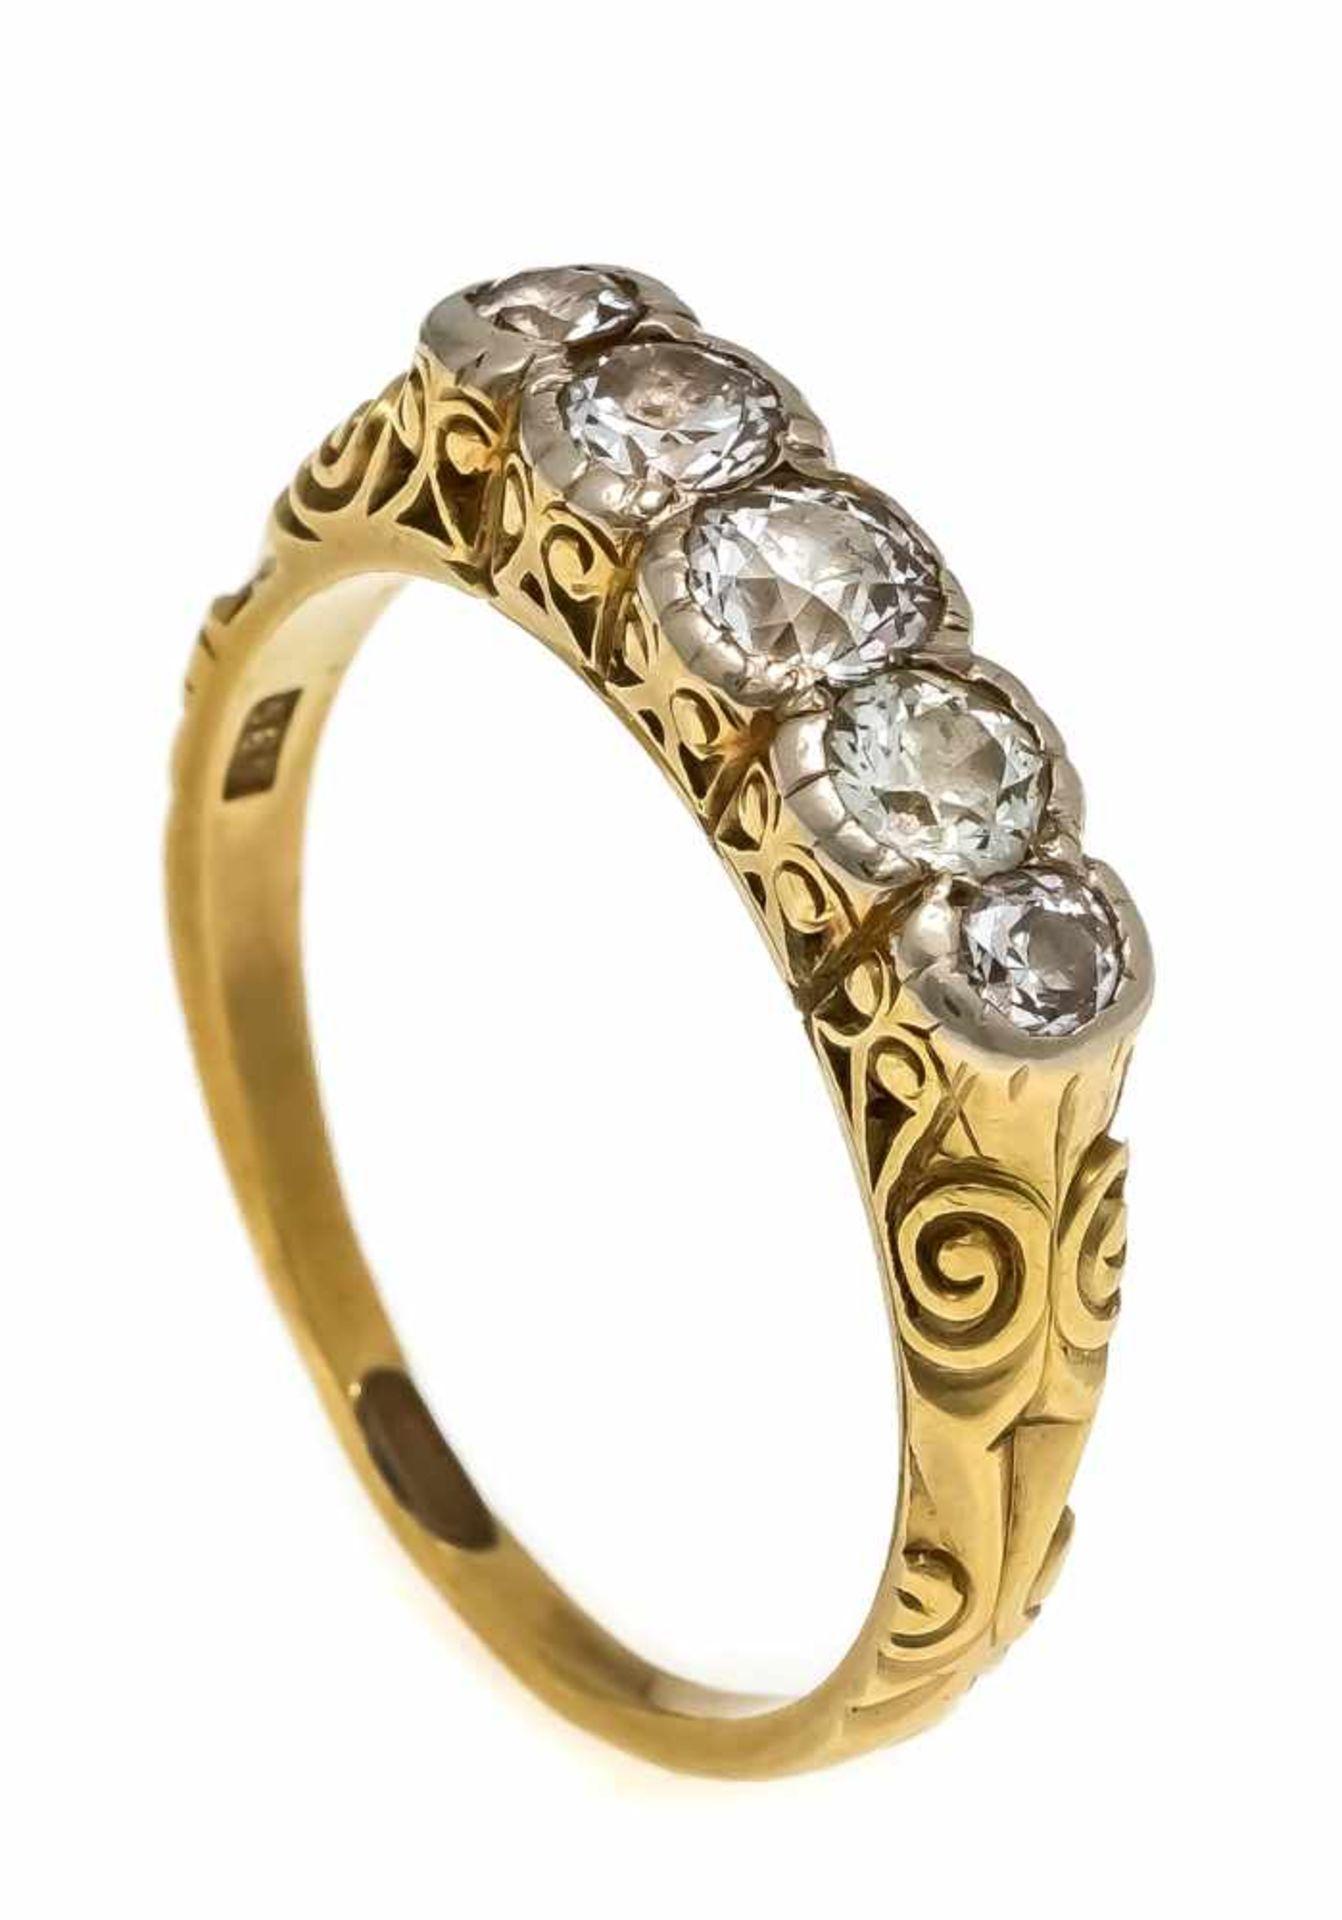 Art Déco Altschliff-Diamant-Ring GG/WG 585/000 mit 5 Altschliff-Diamanten, zus. 0,48 ct l.get.W/